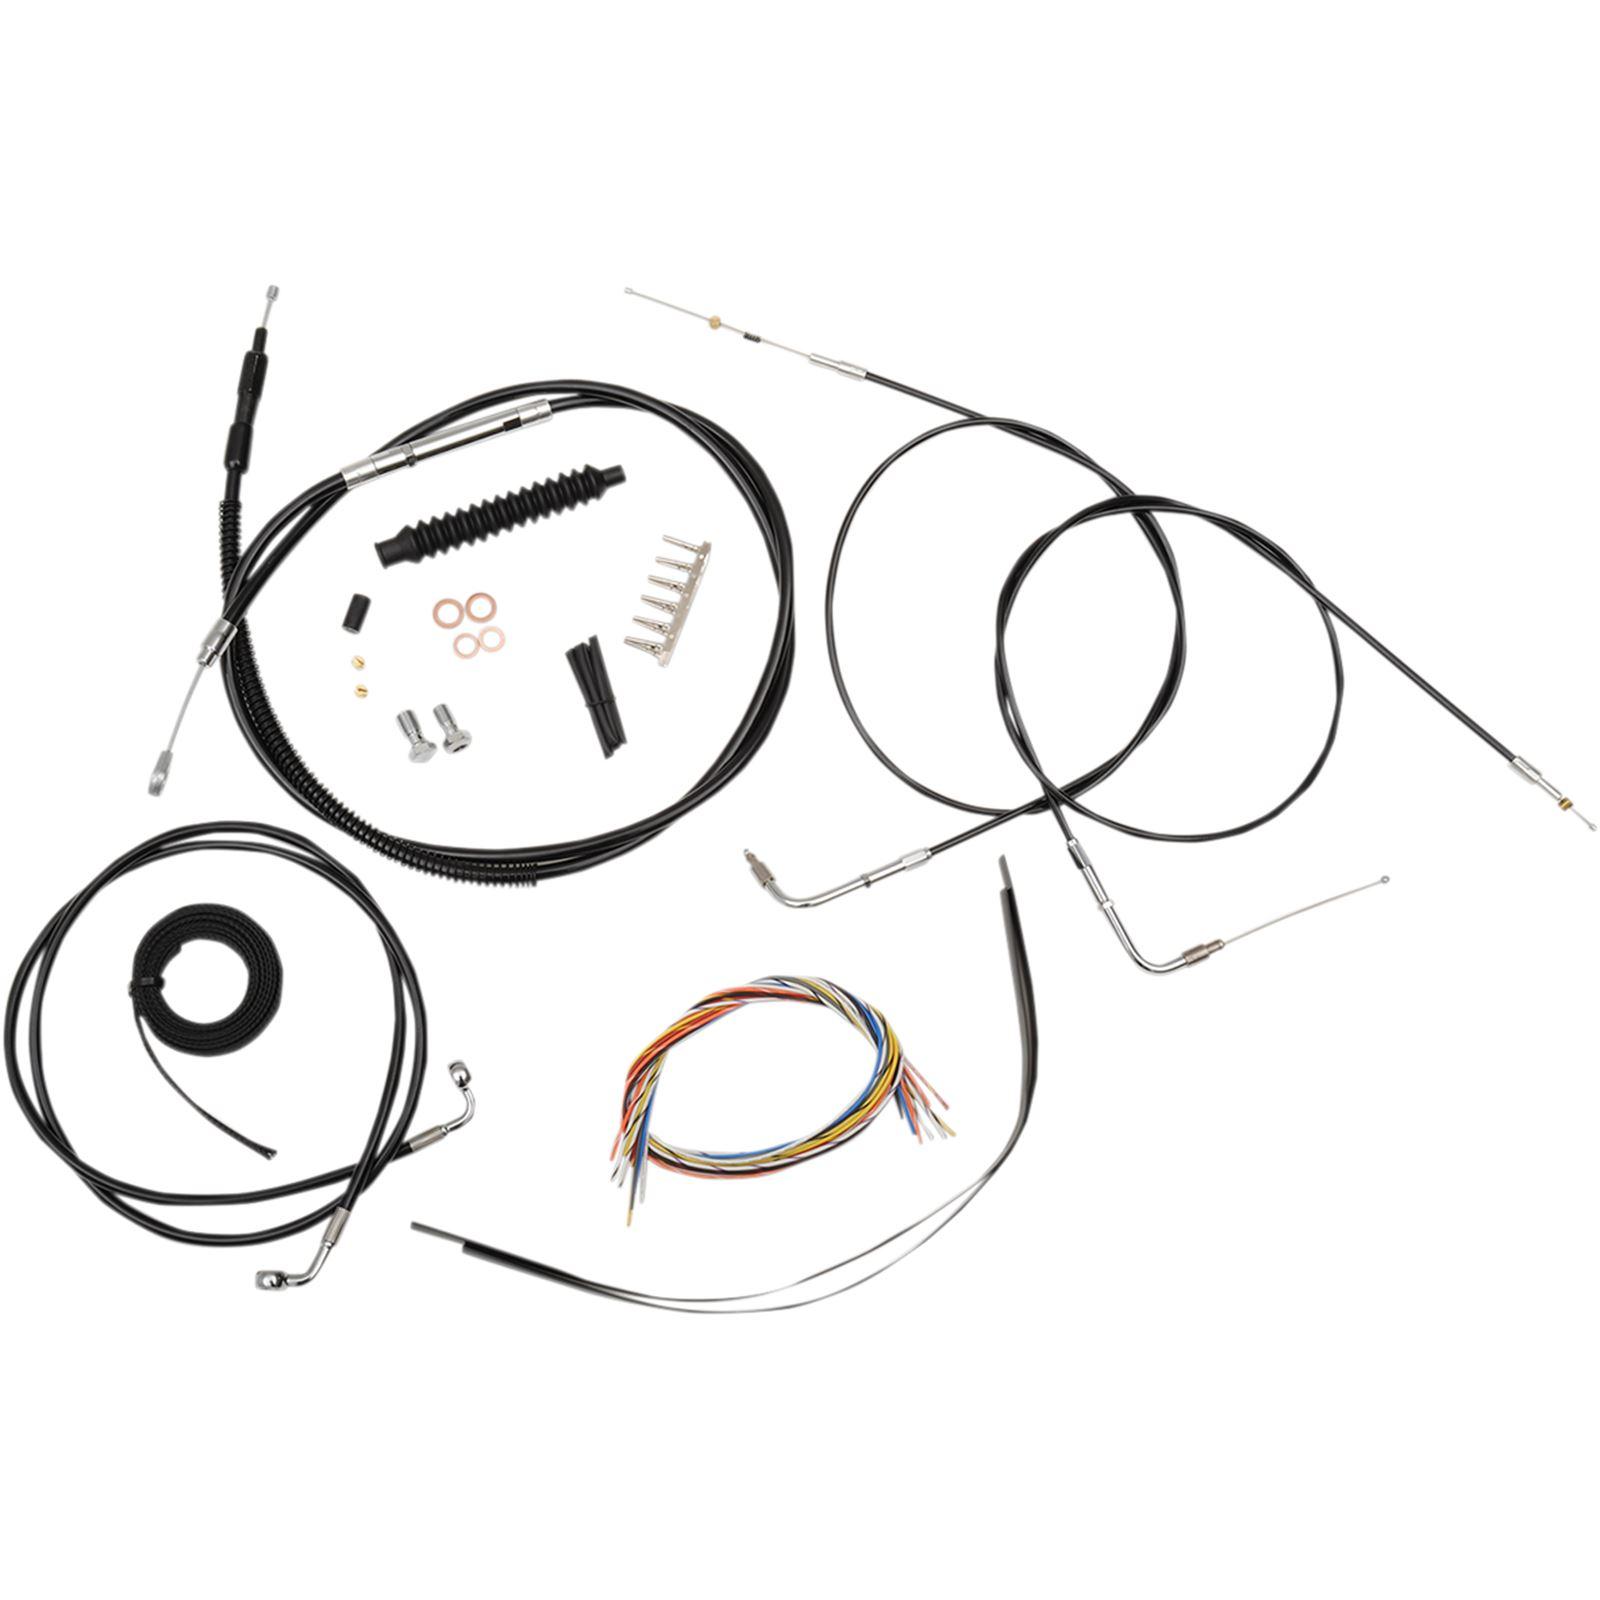 """LA Choppers Complete Black Vinyl Braided Handlebar Cable/Brake Line Kit For 12"""" - 14"""" Ape Hanger Handlebars"""